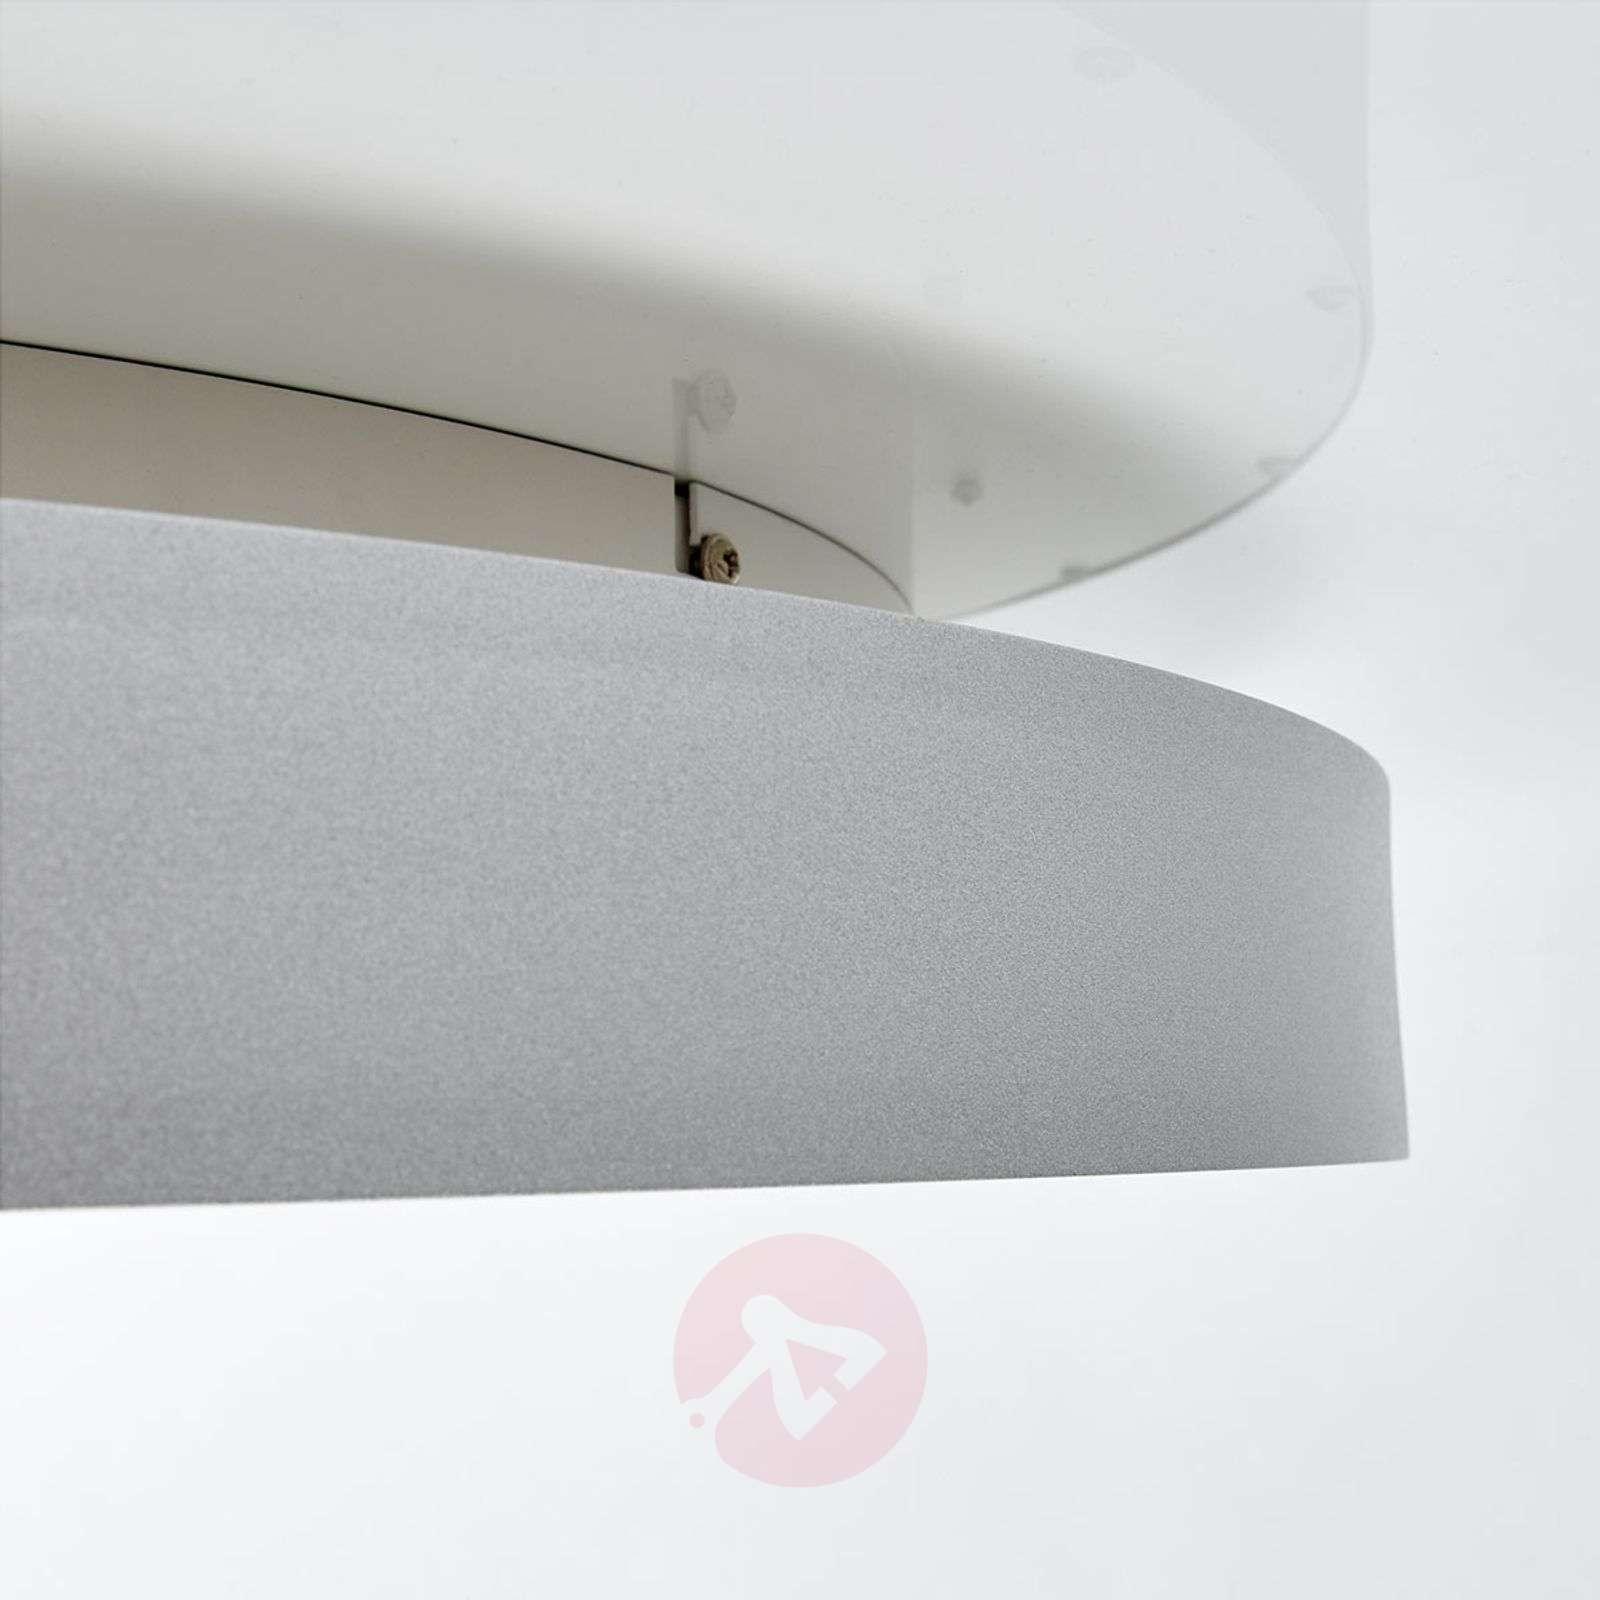 LED-paneeli Vince kaukosäätimellä, Ø 60 cm-9956028-02